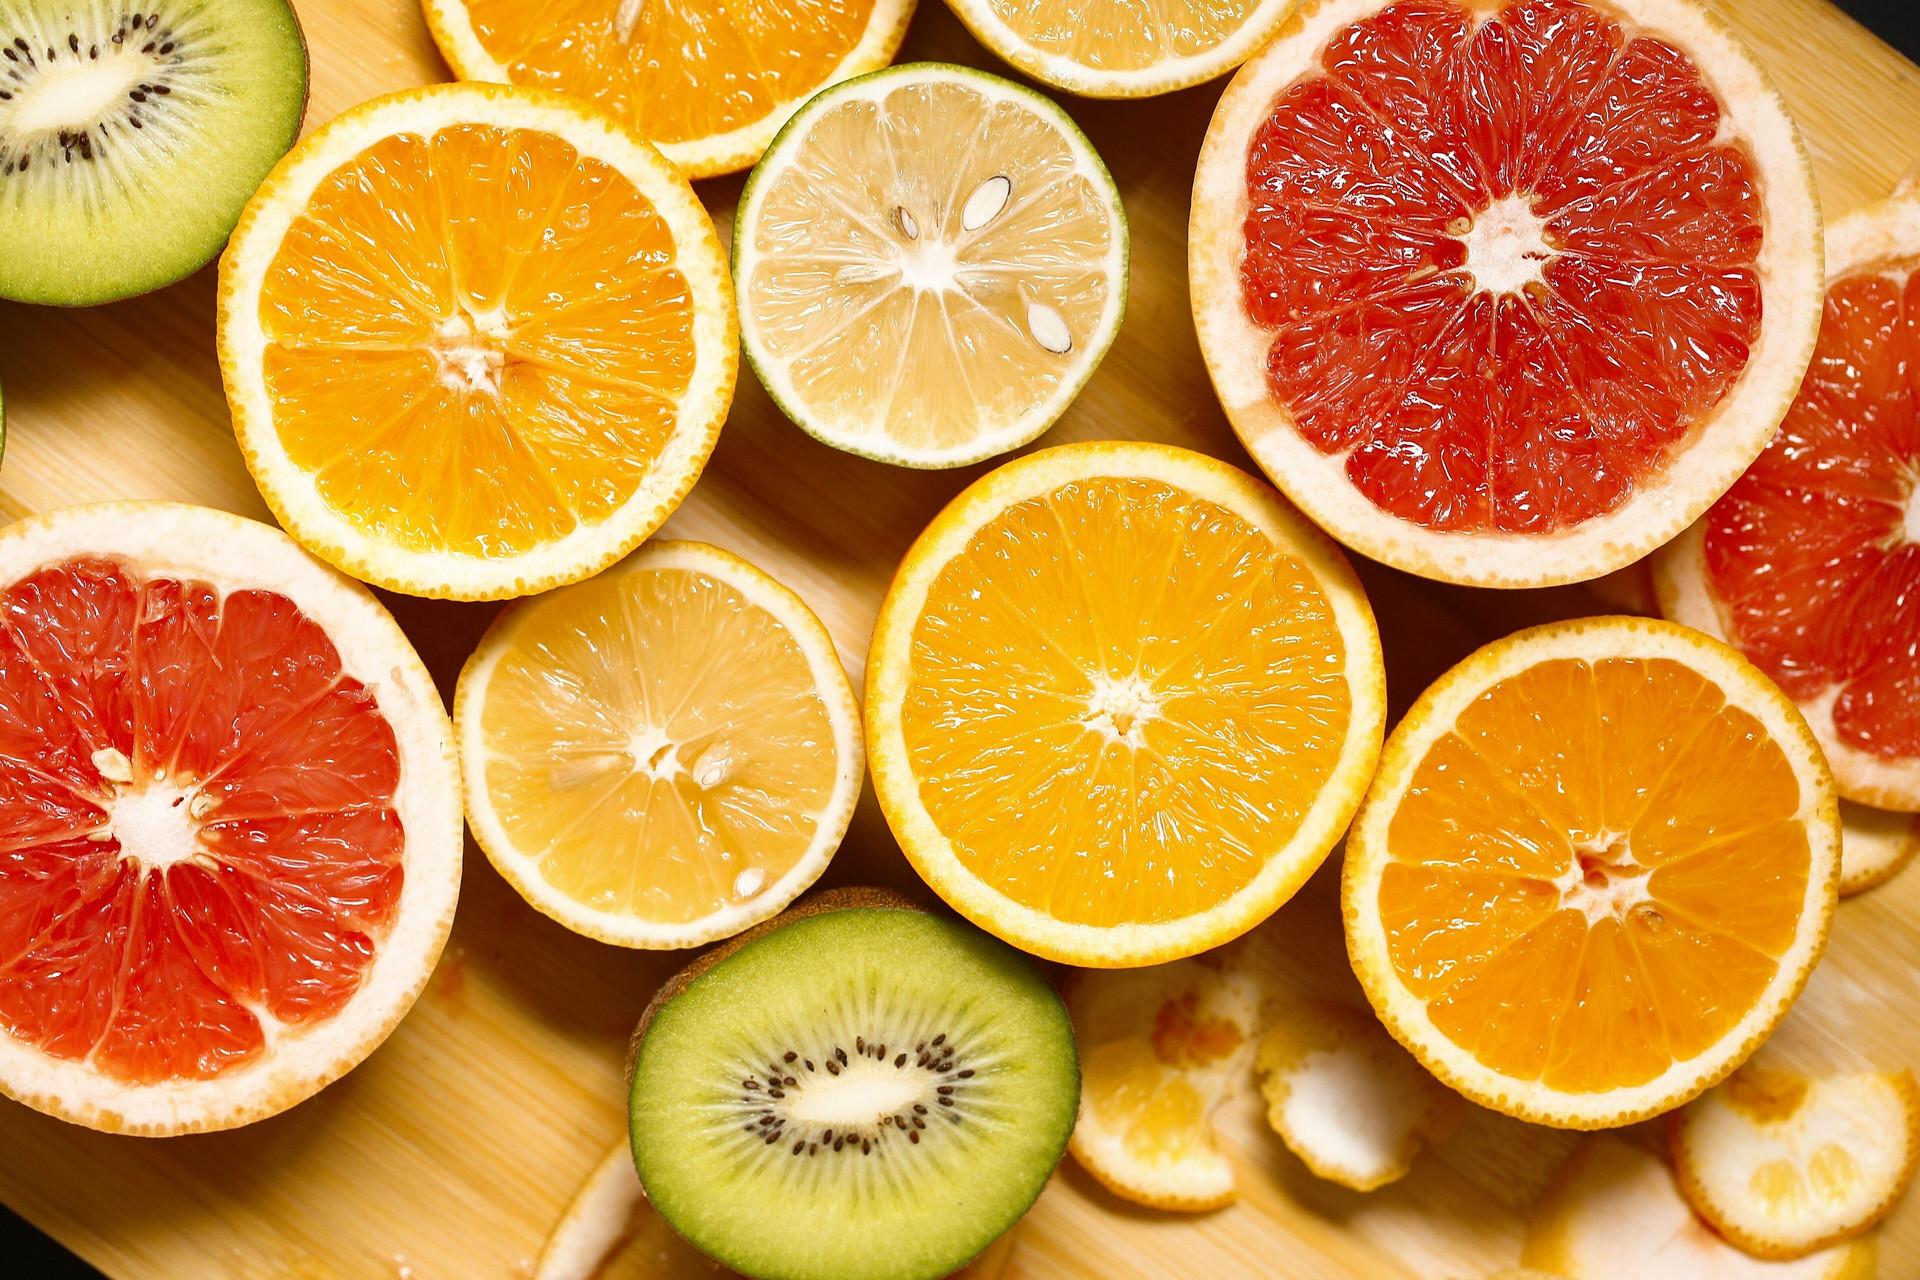 含糖量高的水果有哪些 - 花百科